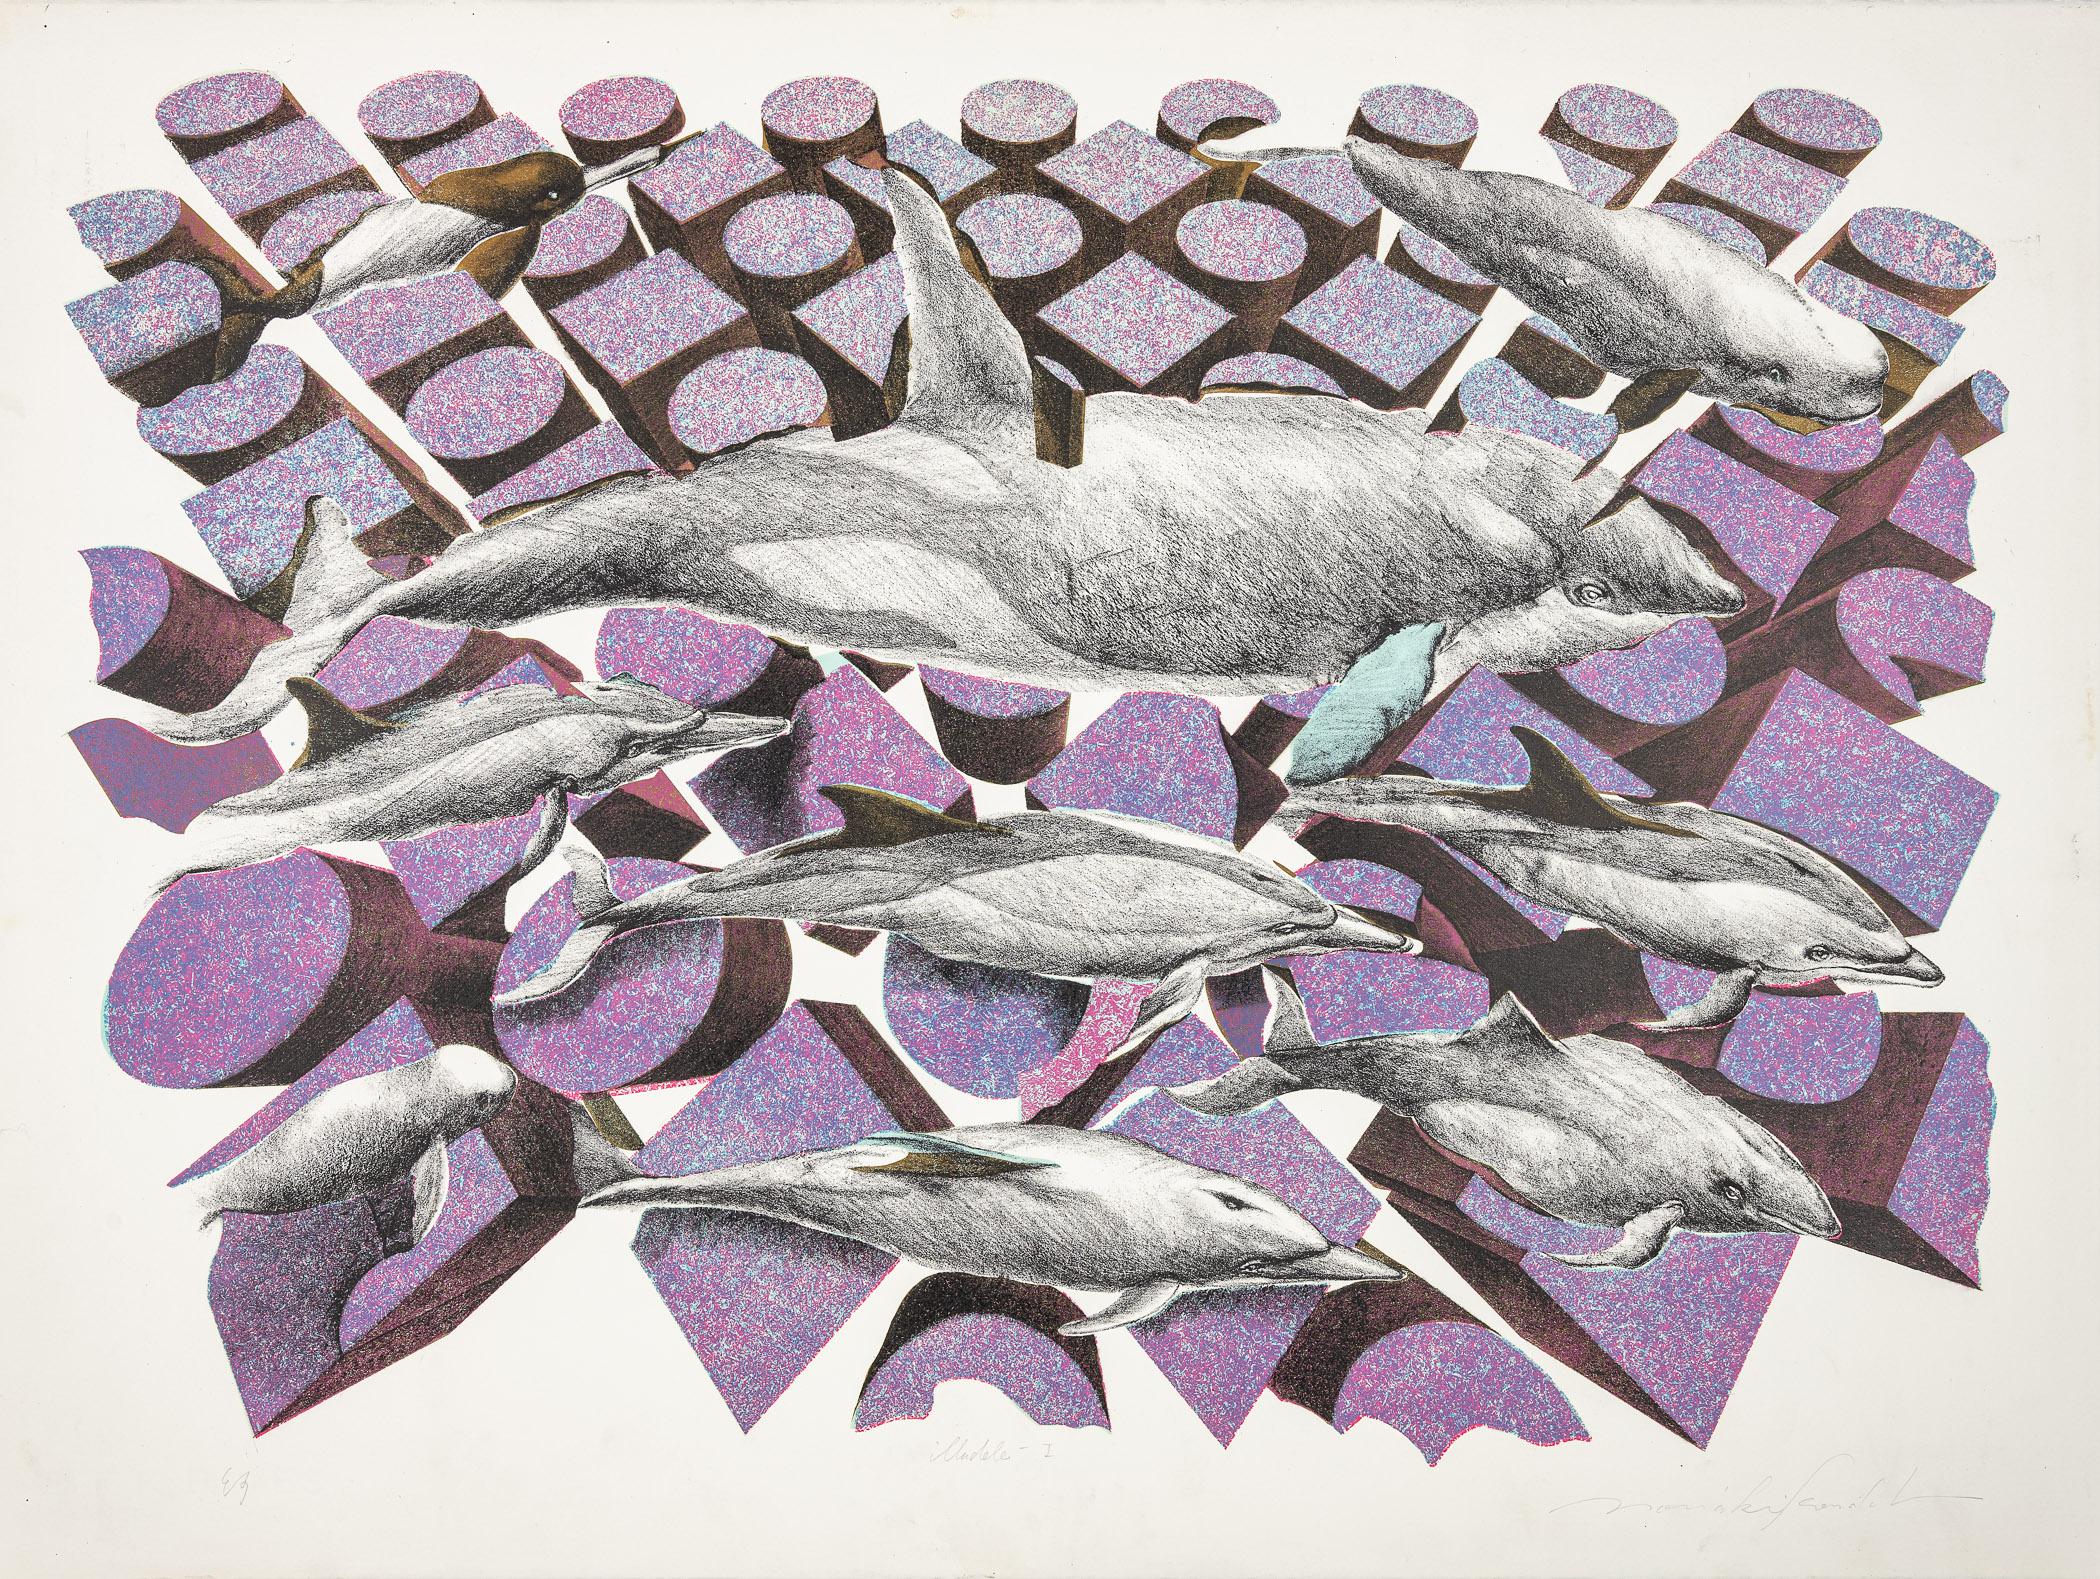 Illudere (mare) I, 1995